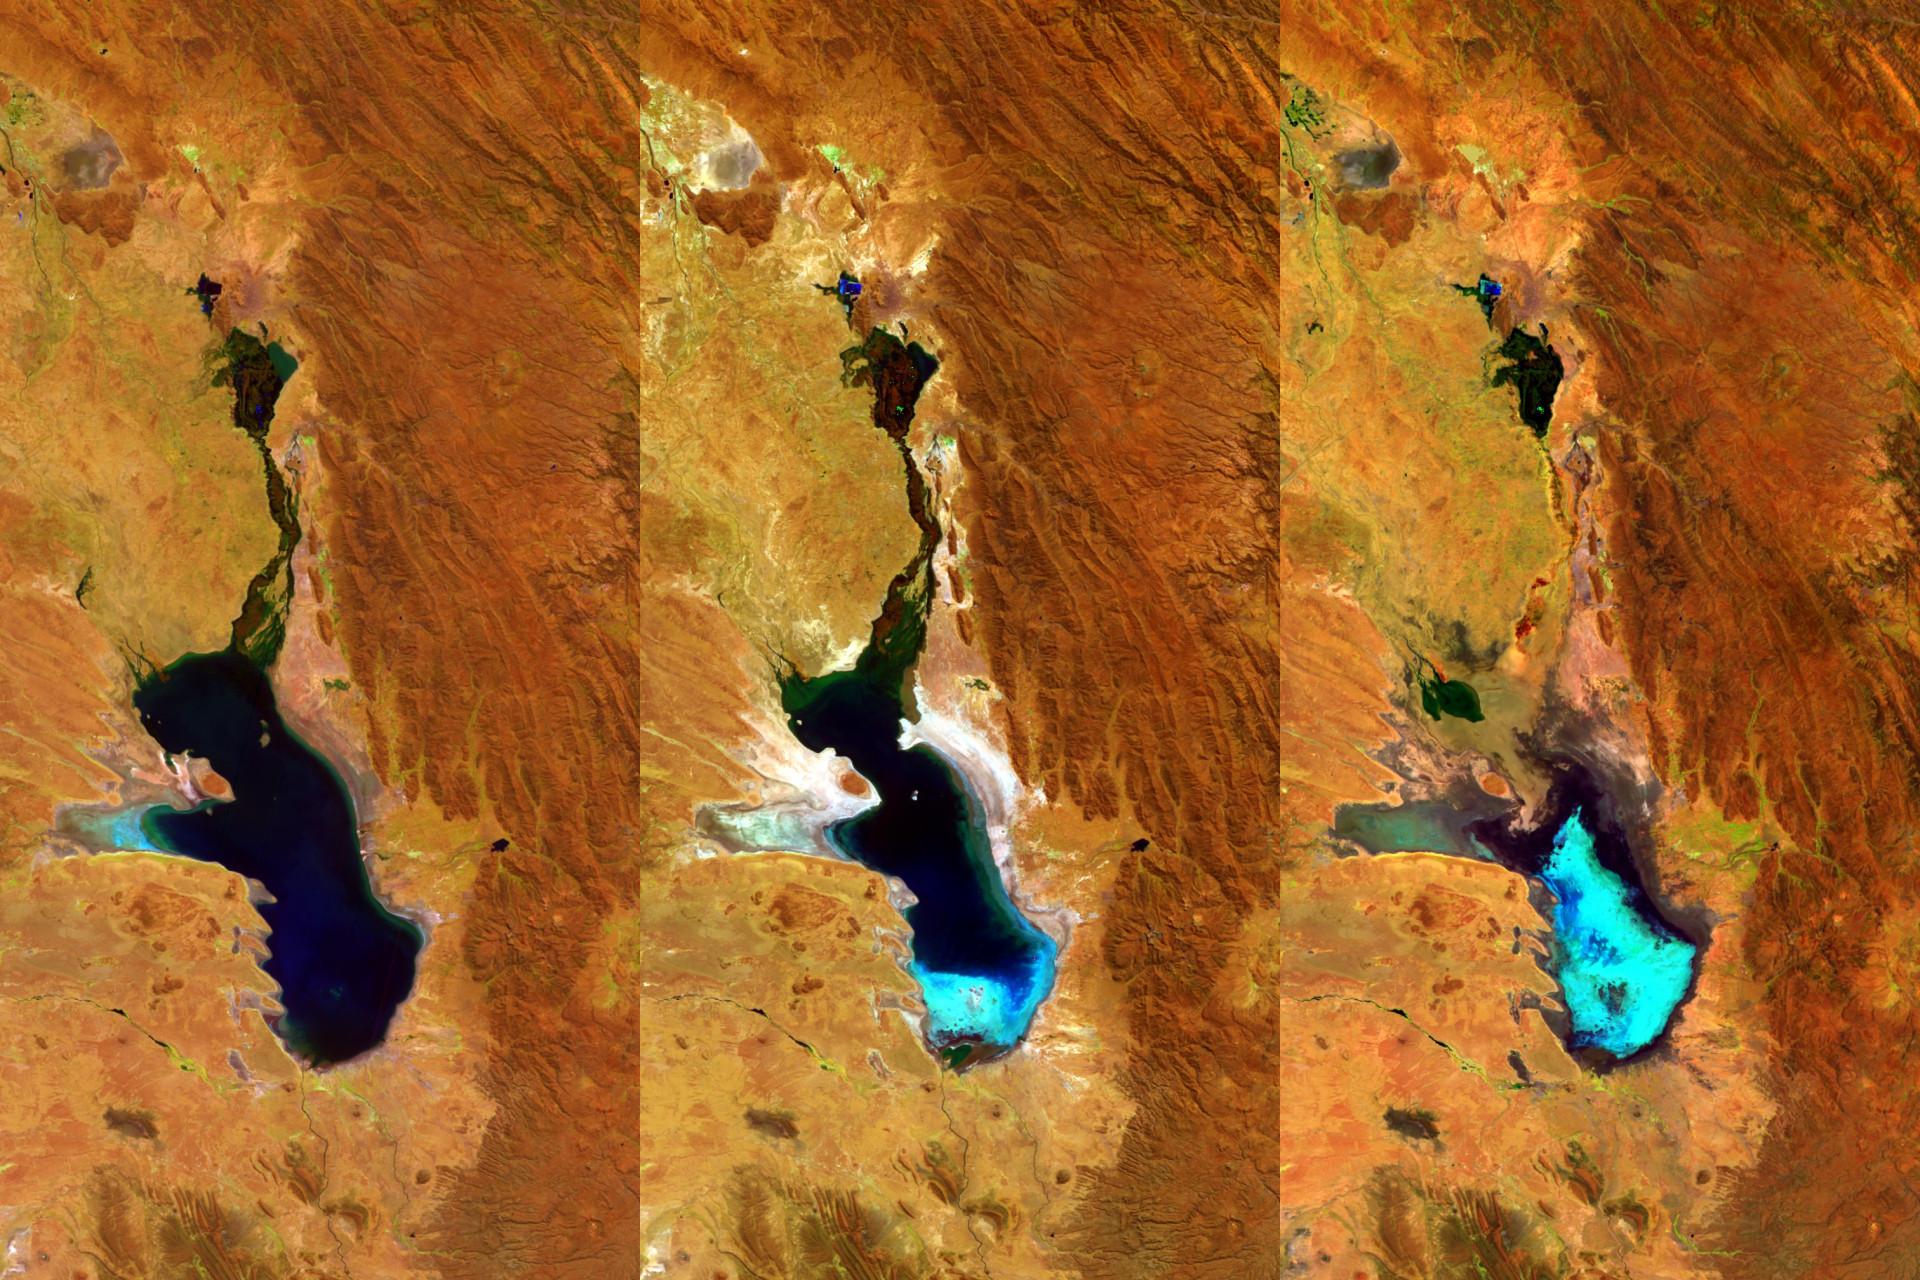 Proba-V i jezioro Poopó. Od lewej, zdjęcie z 2014, 2015 i 2016 roku / Credit: ESA/Belspo – produced by VITO